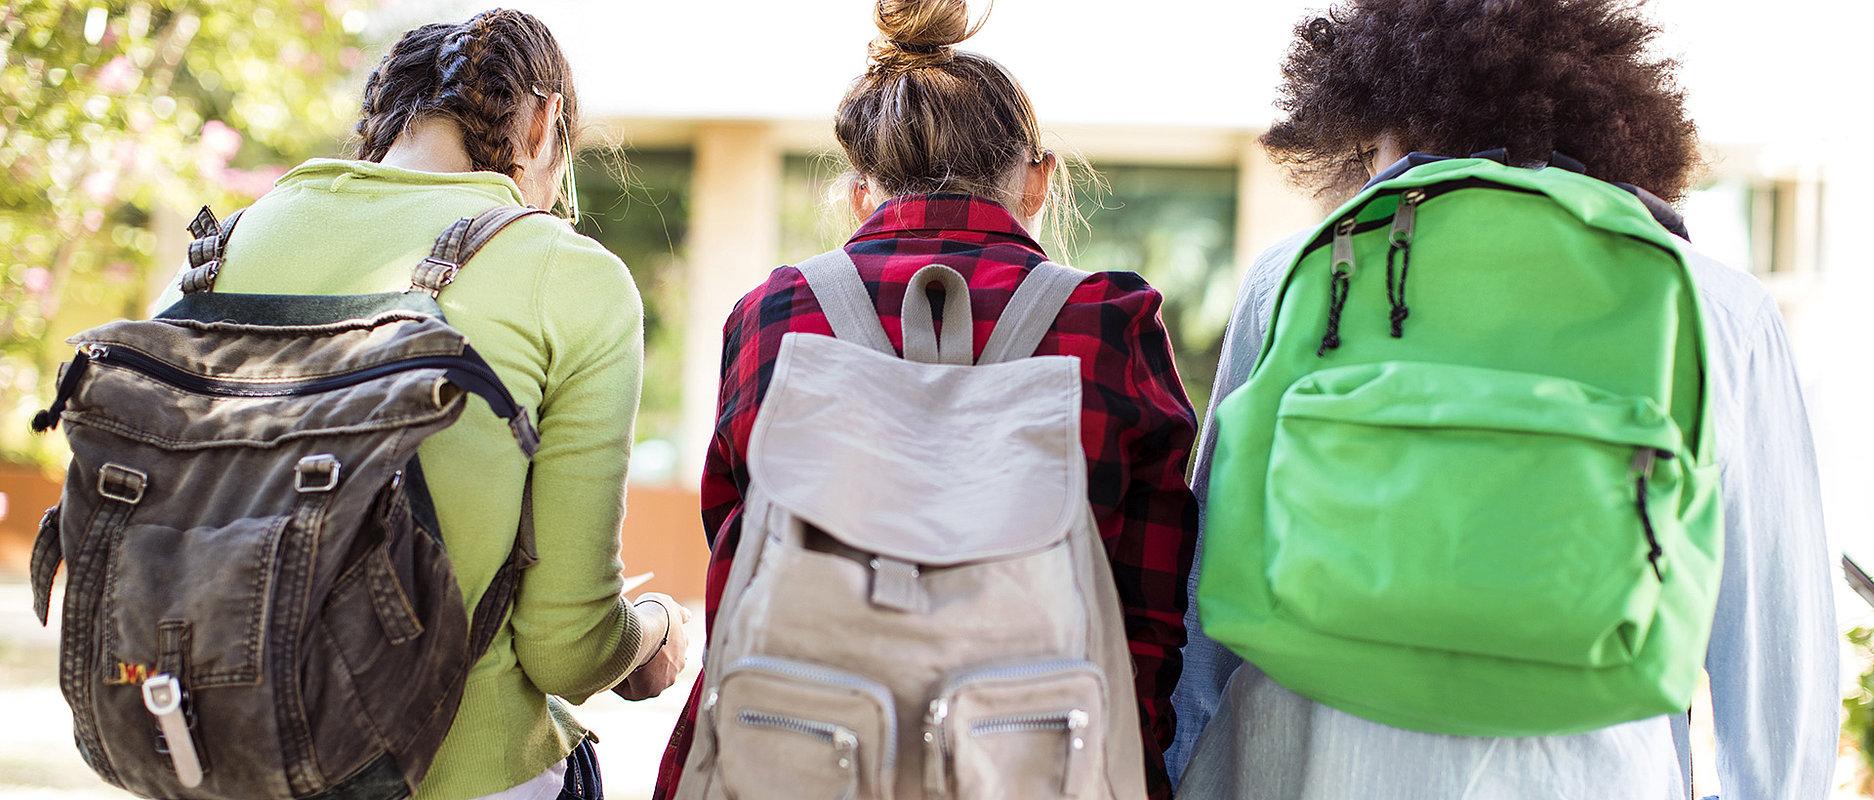 Bachelor Travail social - étudiants campus